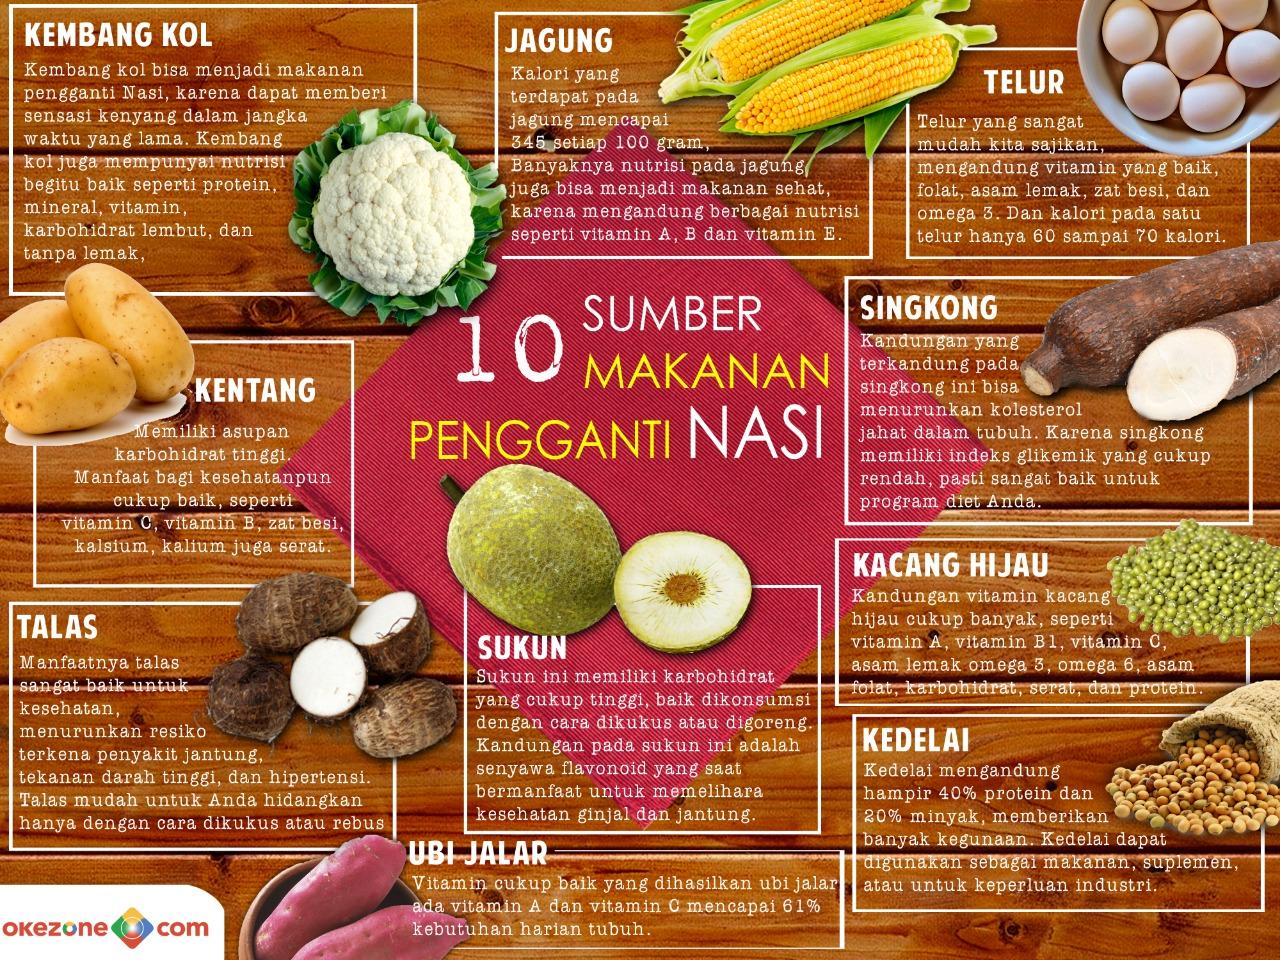 Infografis Pengganti Nasi